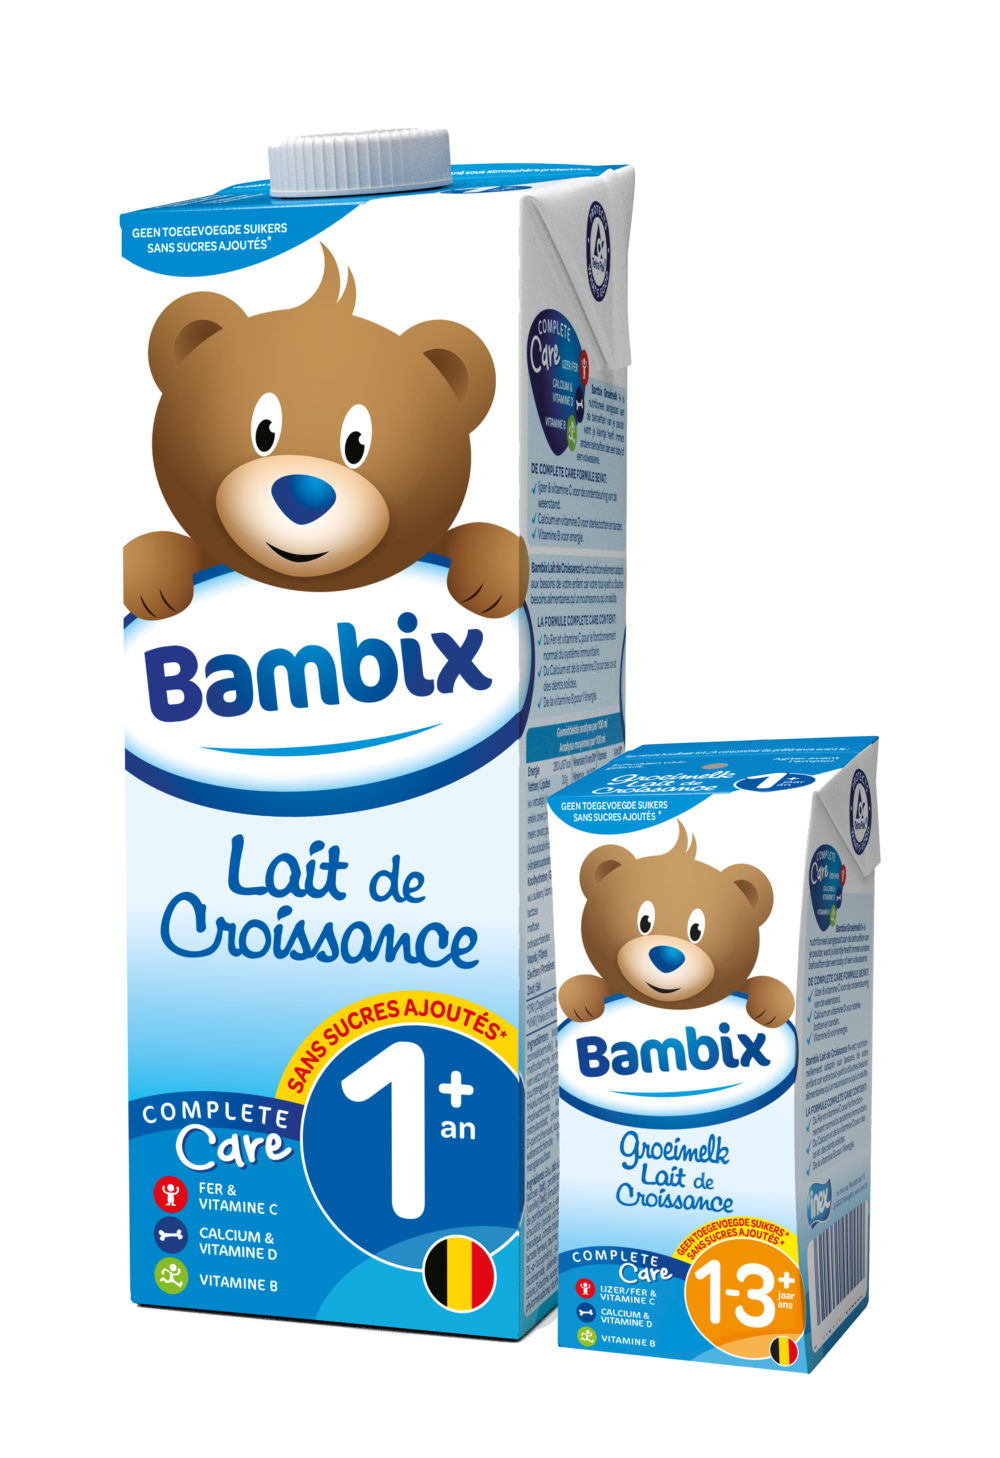 Bambix lait de croissance 1+